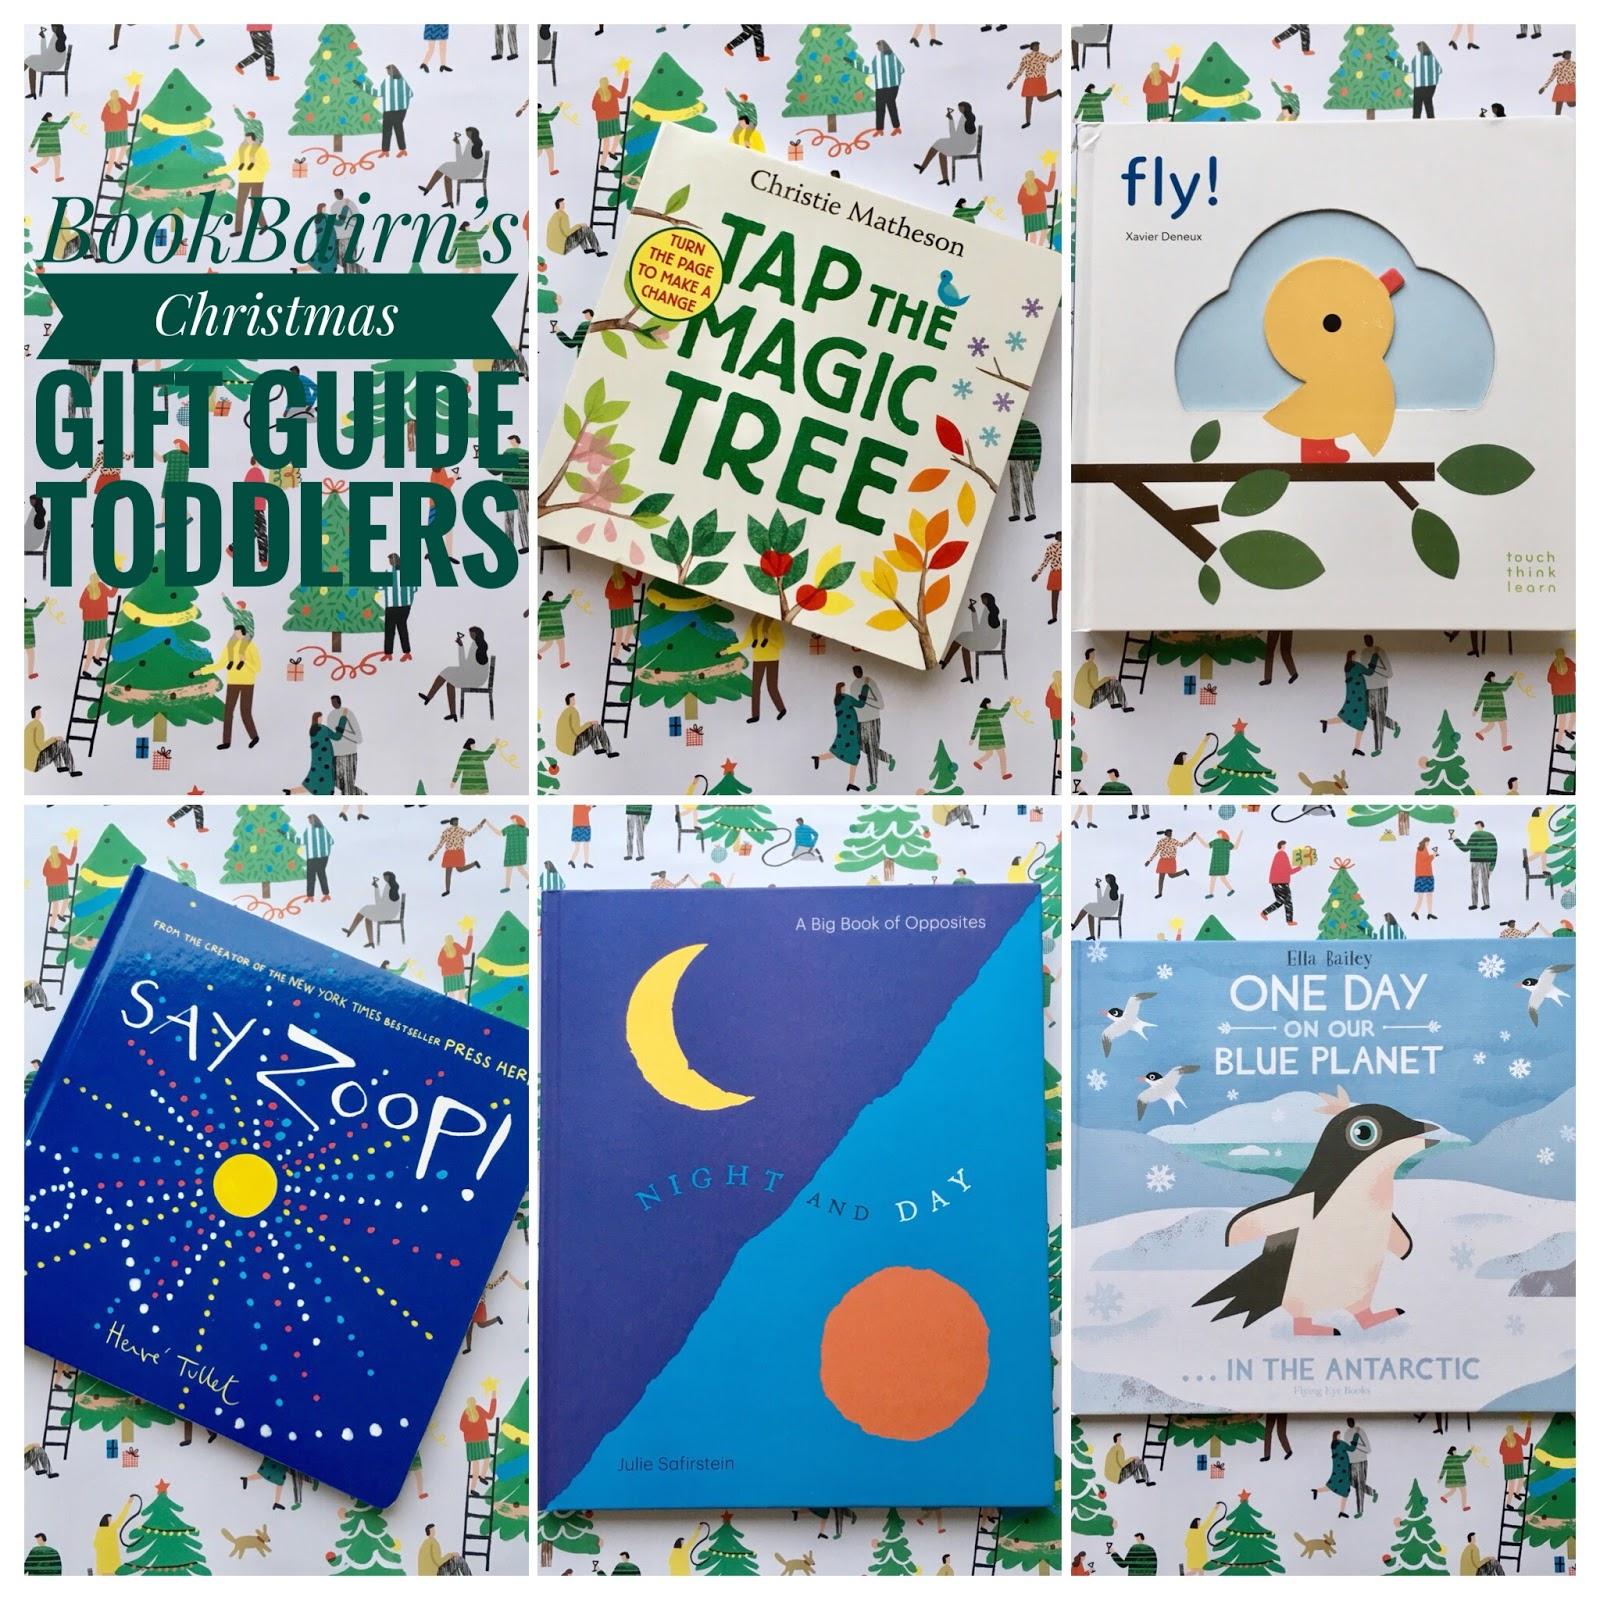 The Littlest Christmas Tree Story: BookBairn's Christmas Gift Guide